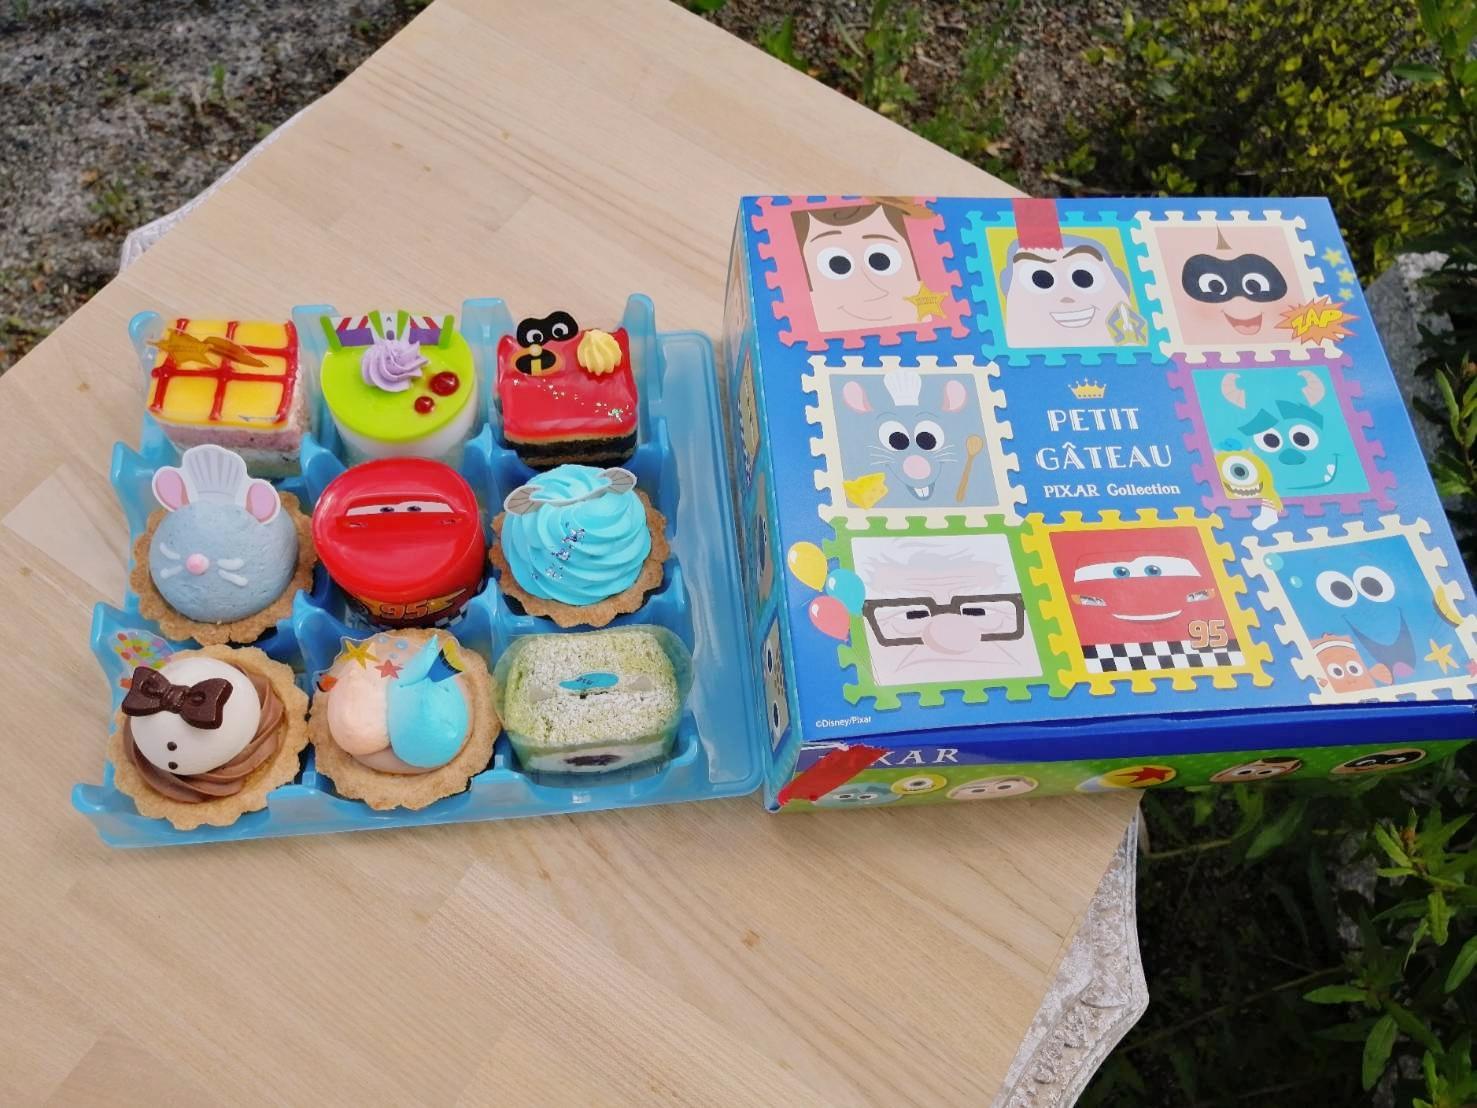 【ピクサー好き必見】コージーコーナーからかわいすぎるケーキが発売されている!!_2